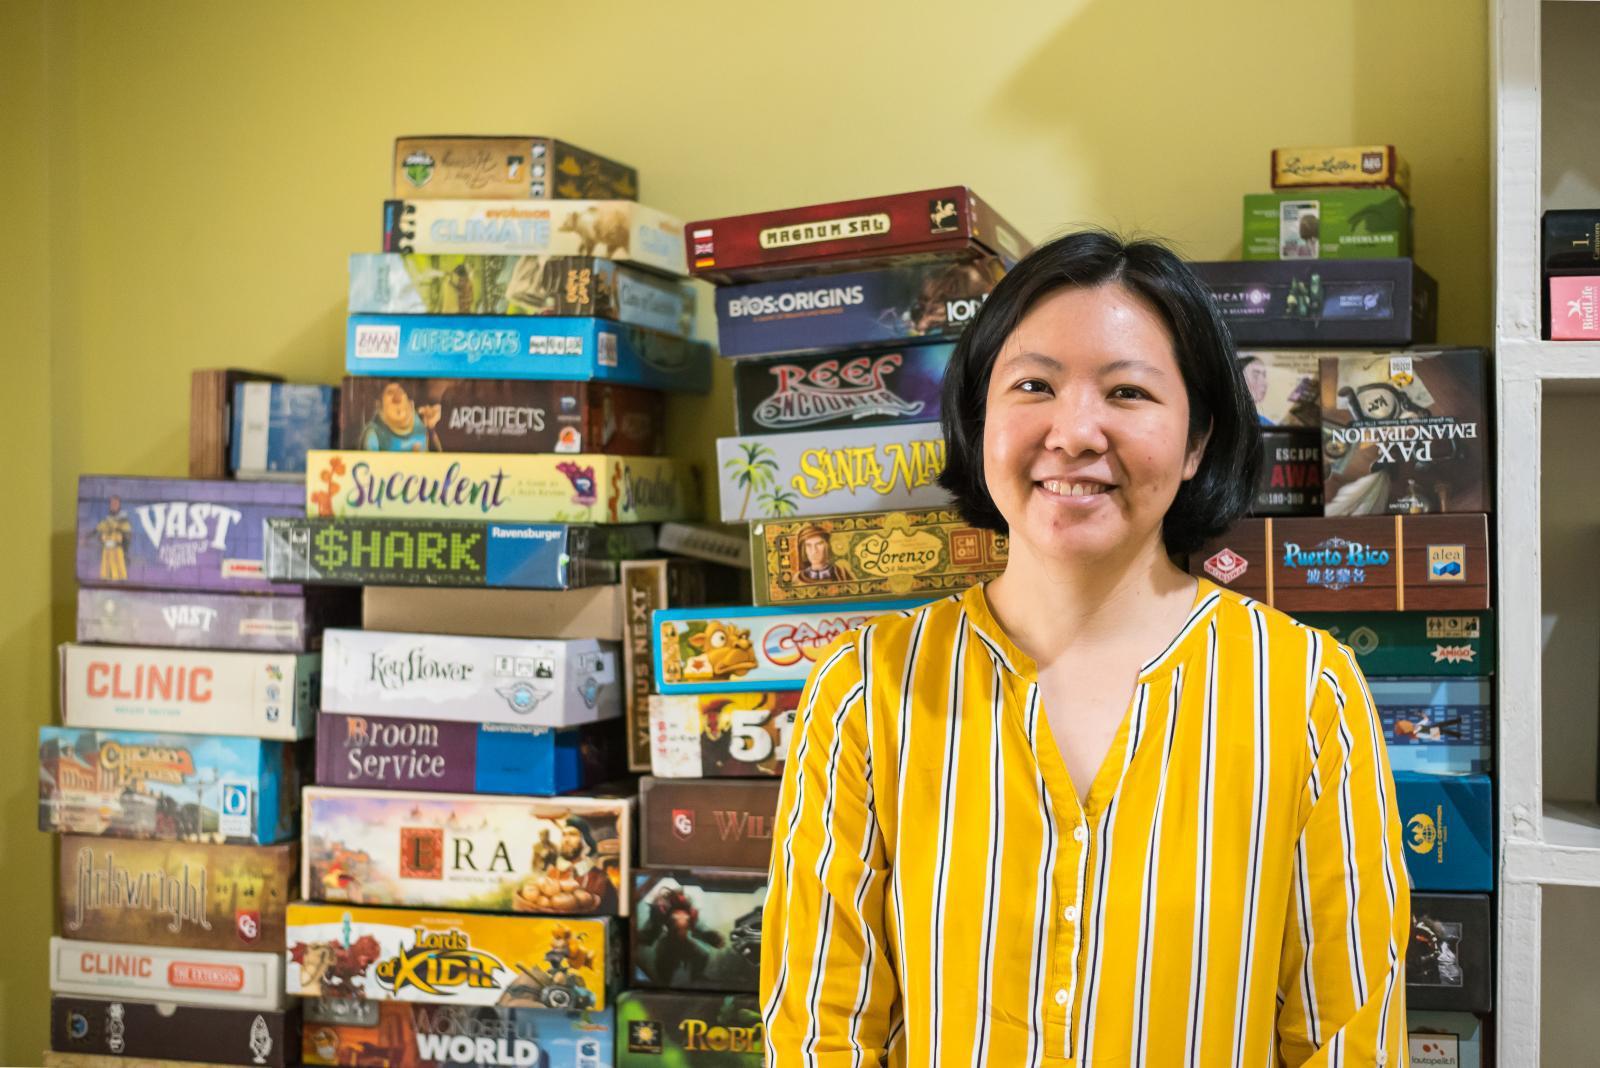 Board Game (บอร์ดเกม) กิจกรรมสุดอินเทรนด์ เปิดโลกการเรียนรู้